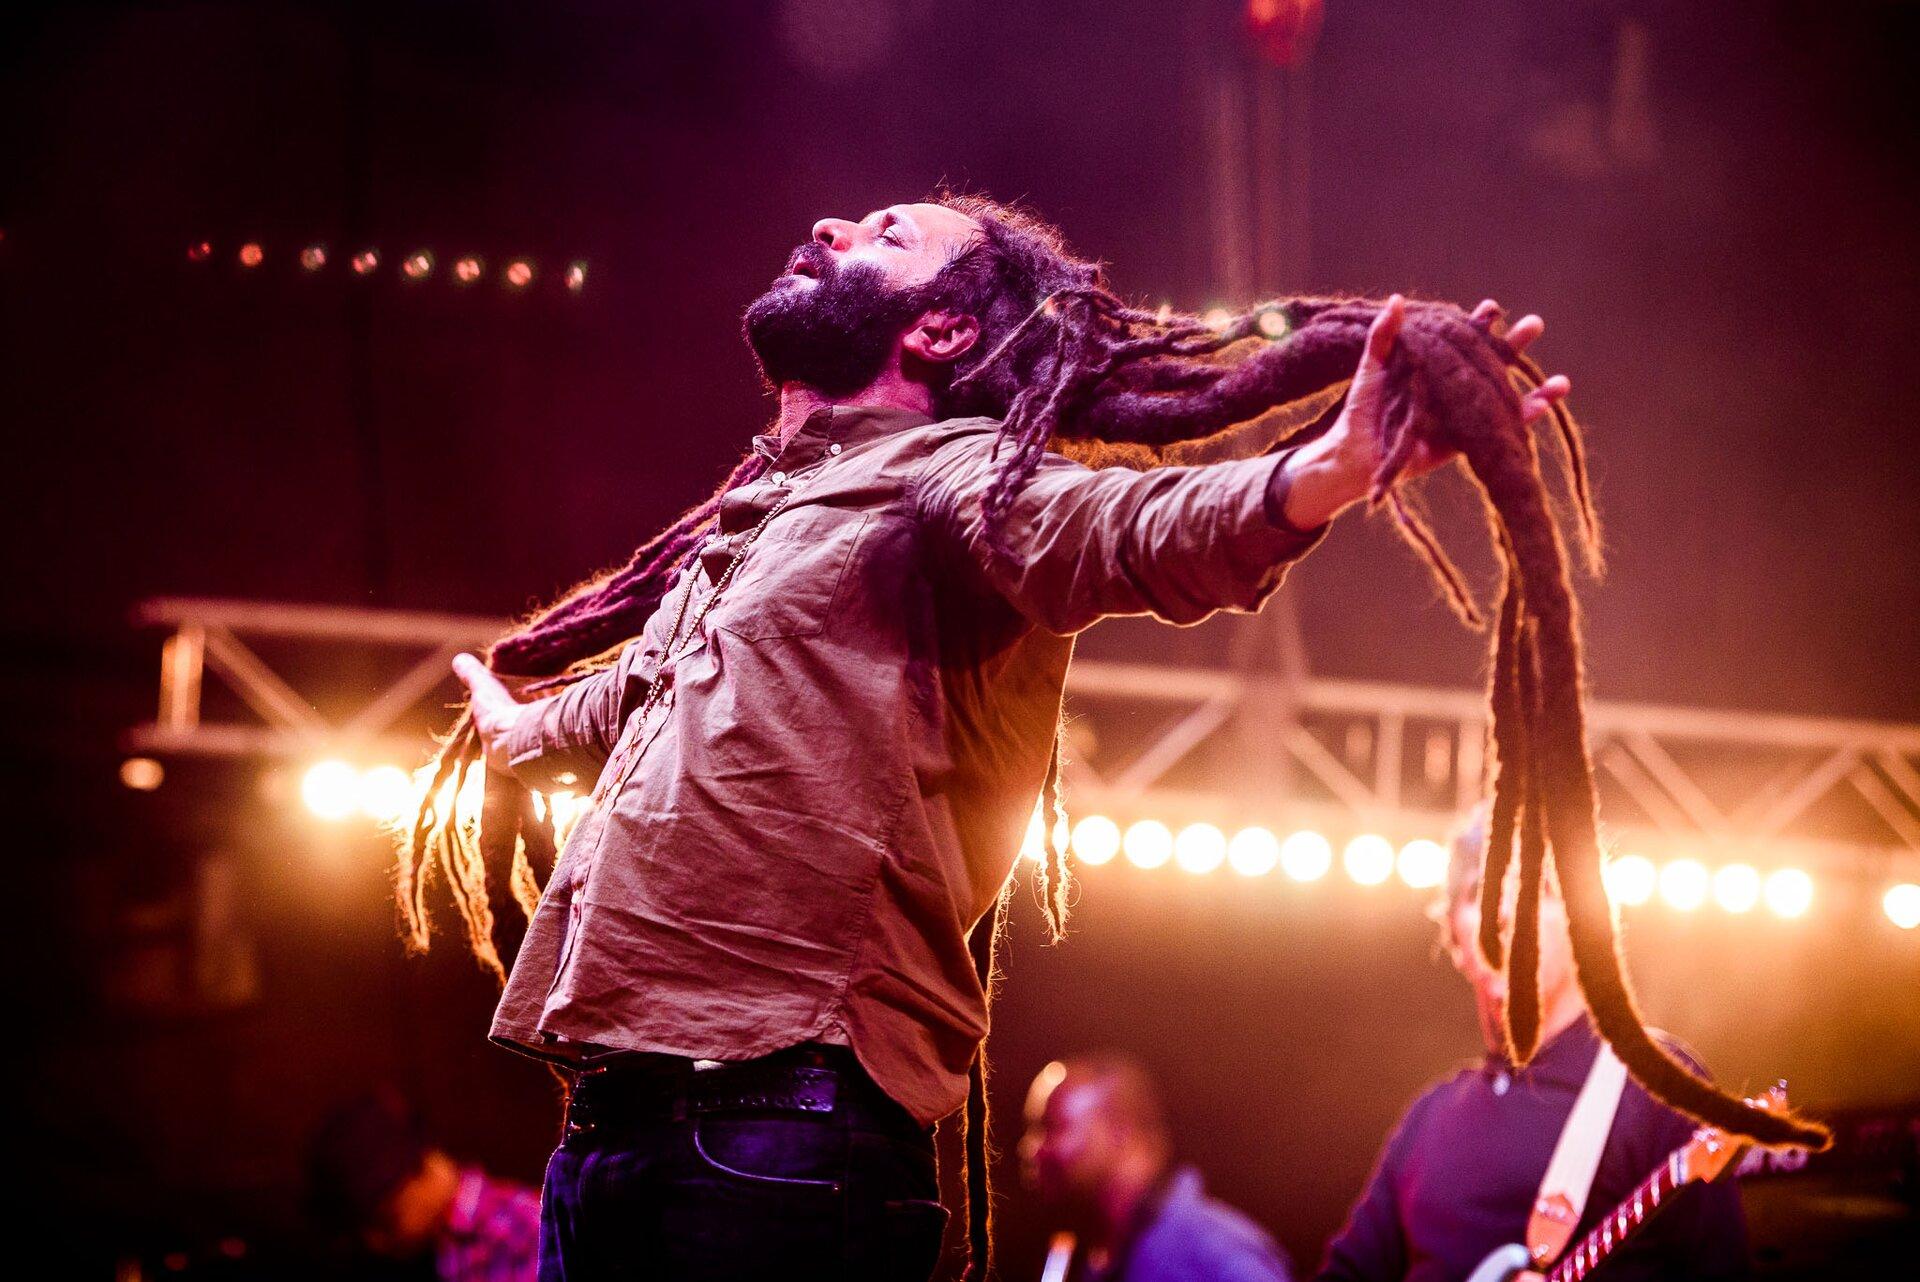 Ilustracja przedstawia koncert reggae. Widoczny jest mężczyzna zdredami,. Wtle znajduje się pozostała część zespołu.